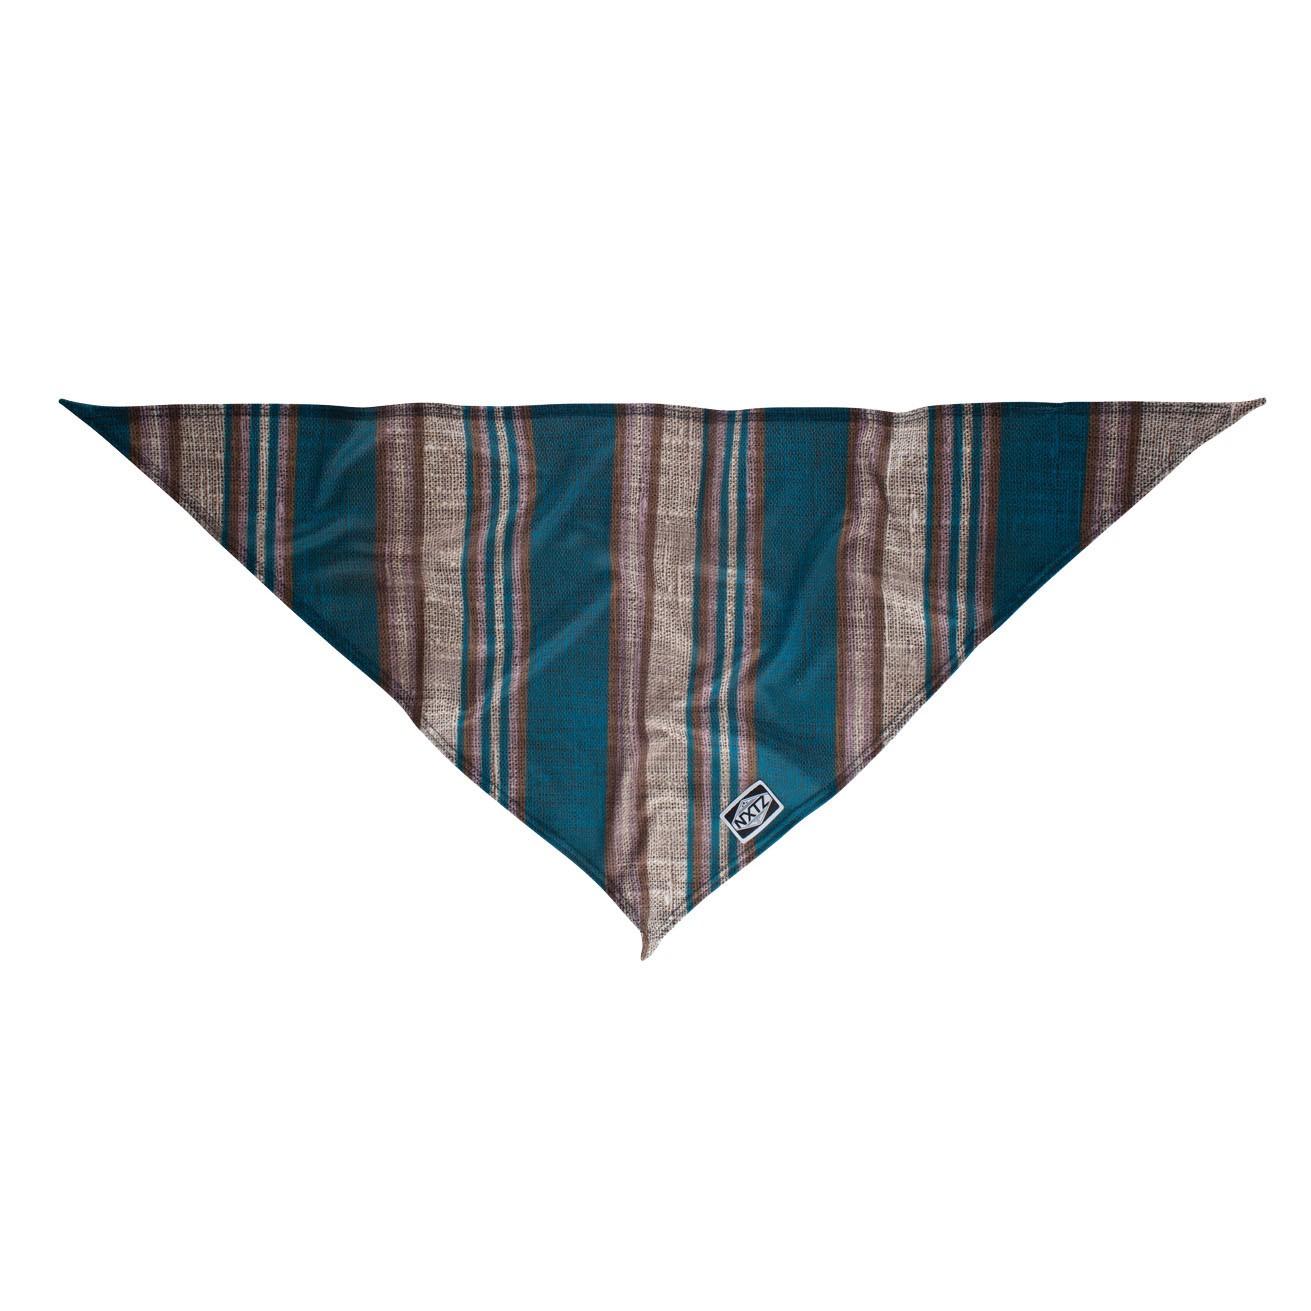 Šátek NXTZ Single Layer Bandana garage stripe blue